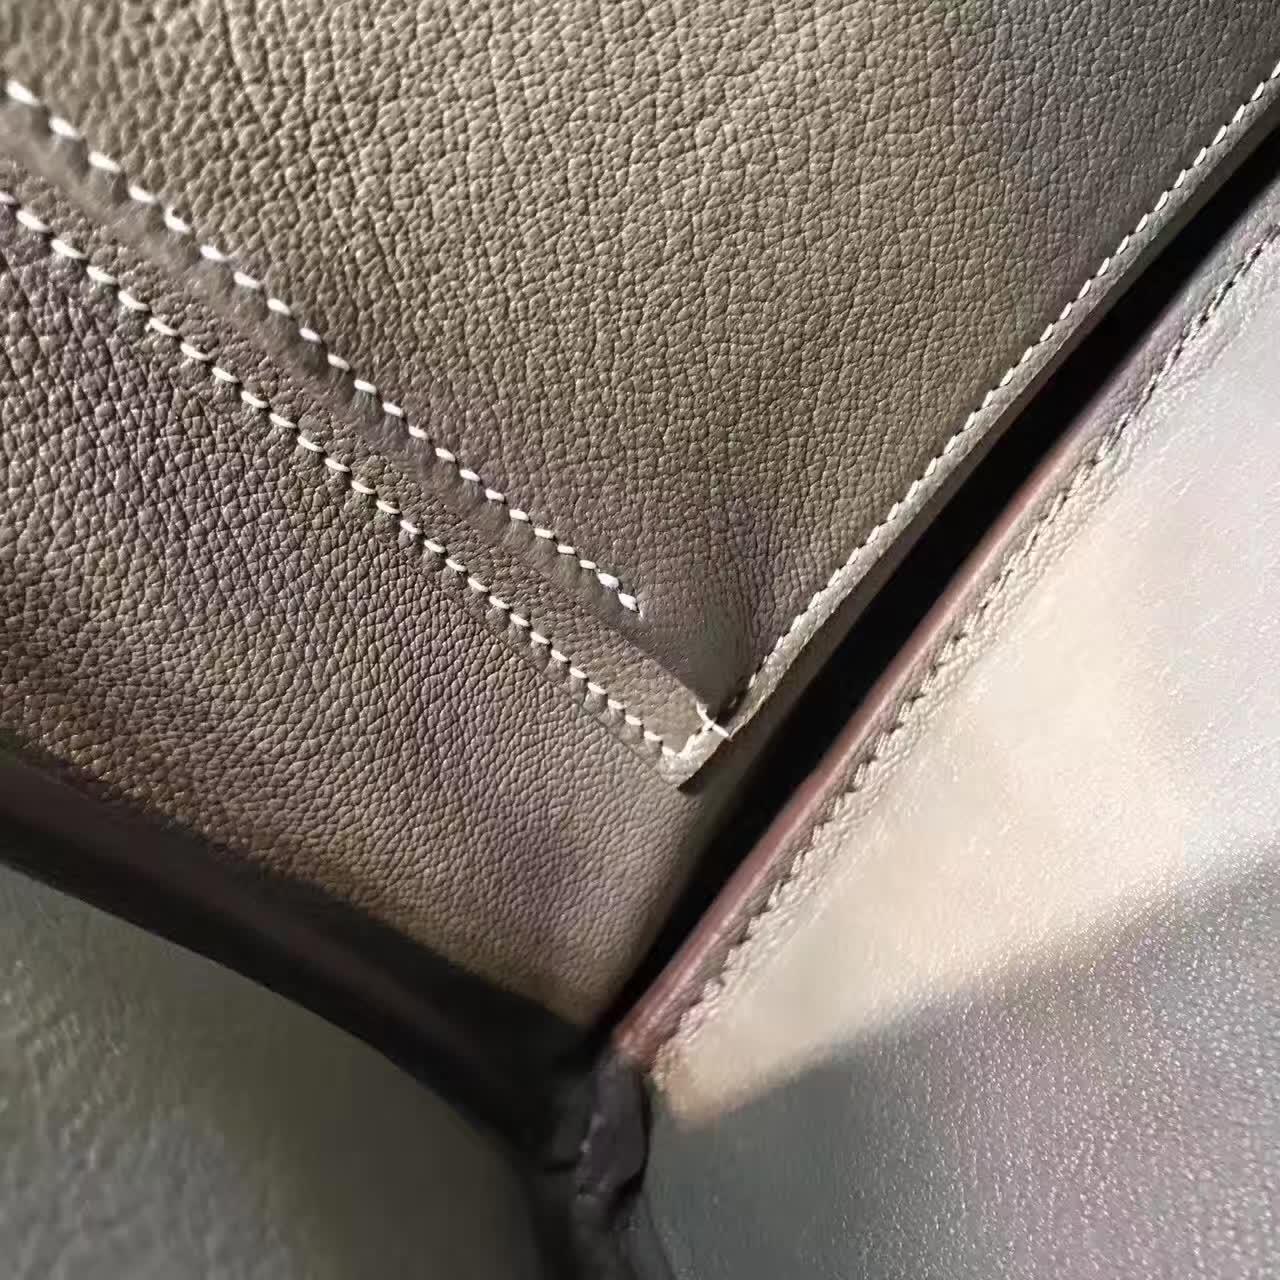 全球代发 爱马仕铂金包 Birkin 30cm 法国原产epsom皮 蜡线手缝